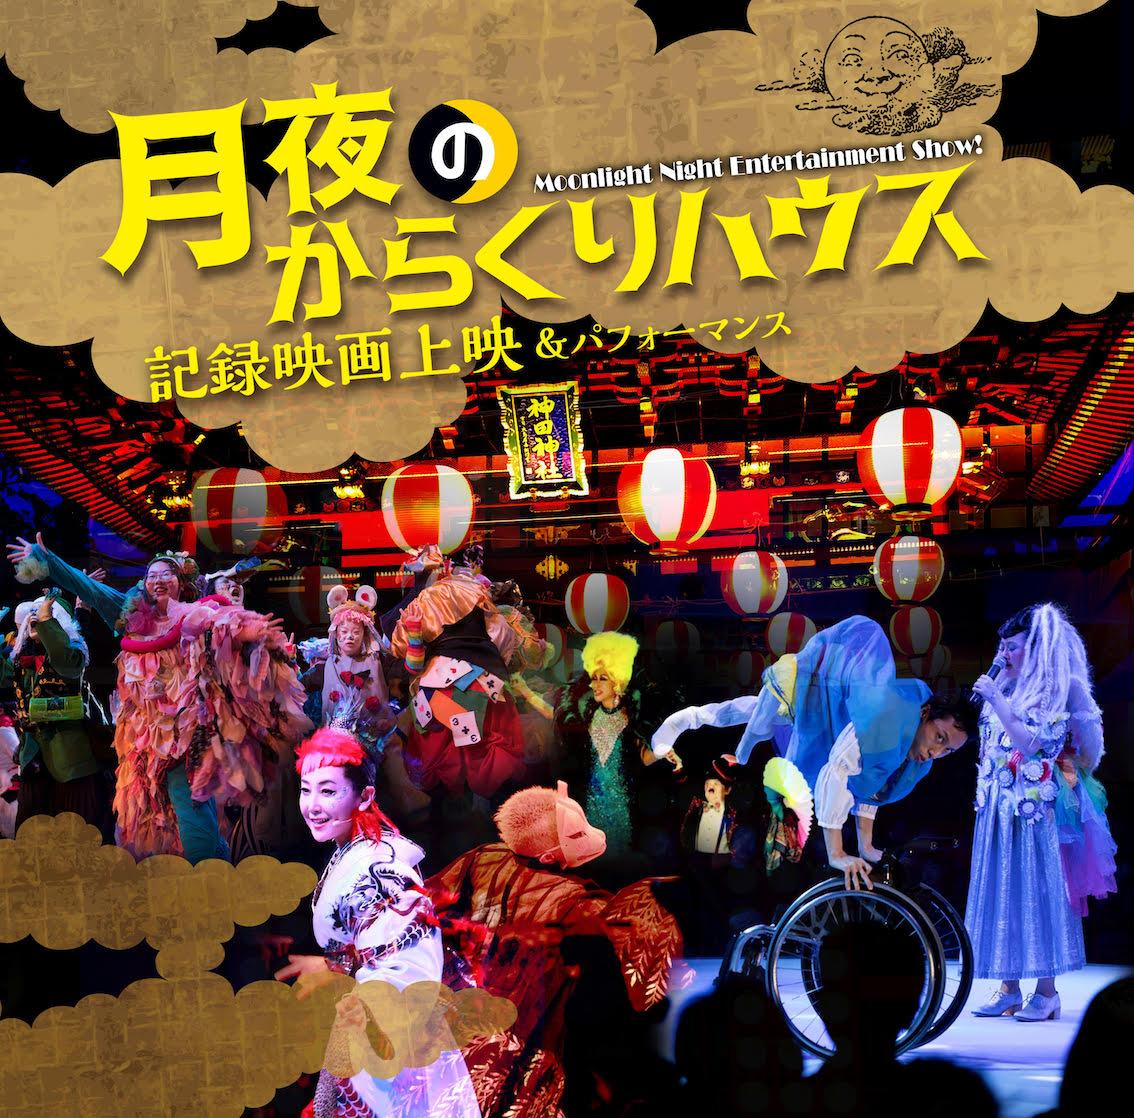 【佐藤ひらり】「月夜のからくりハウス」記録映画上映&パフォーマンスに出演されます